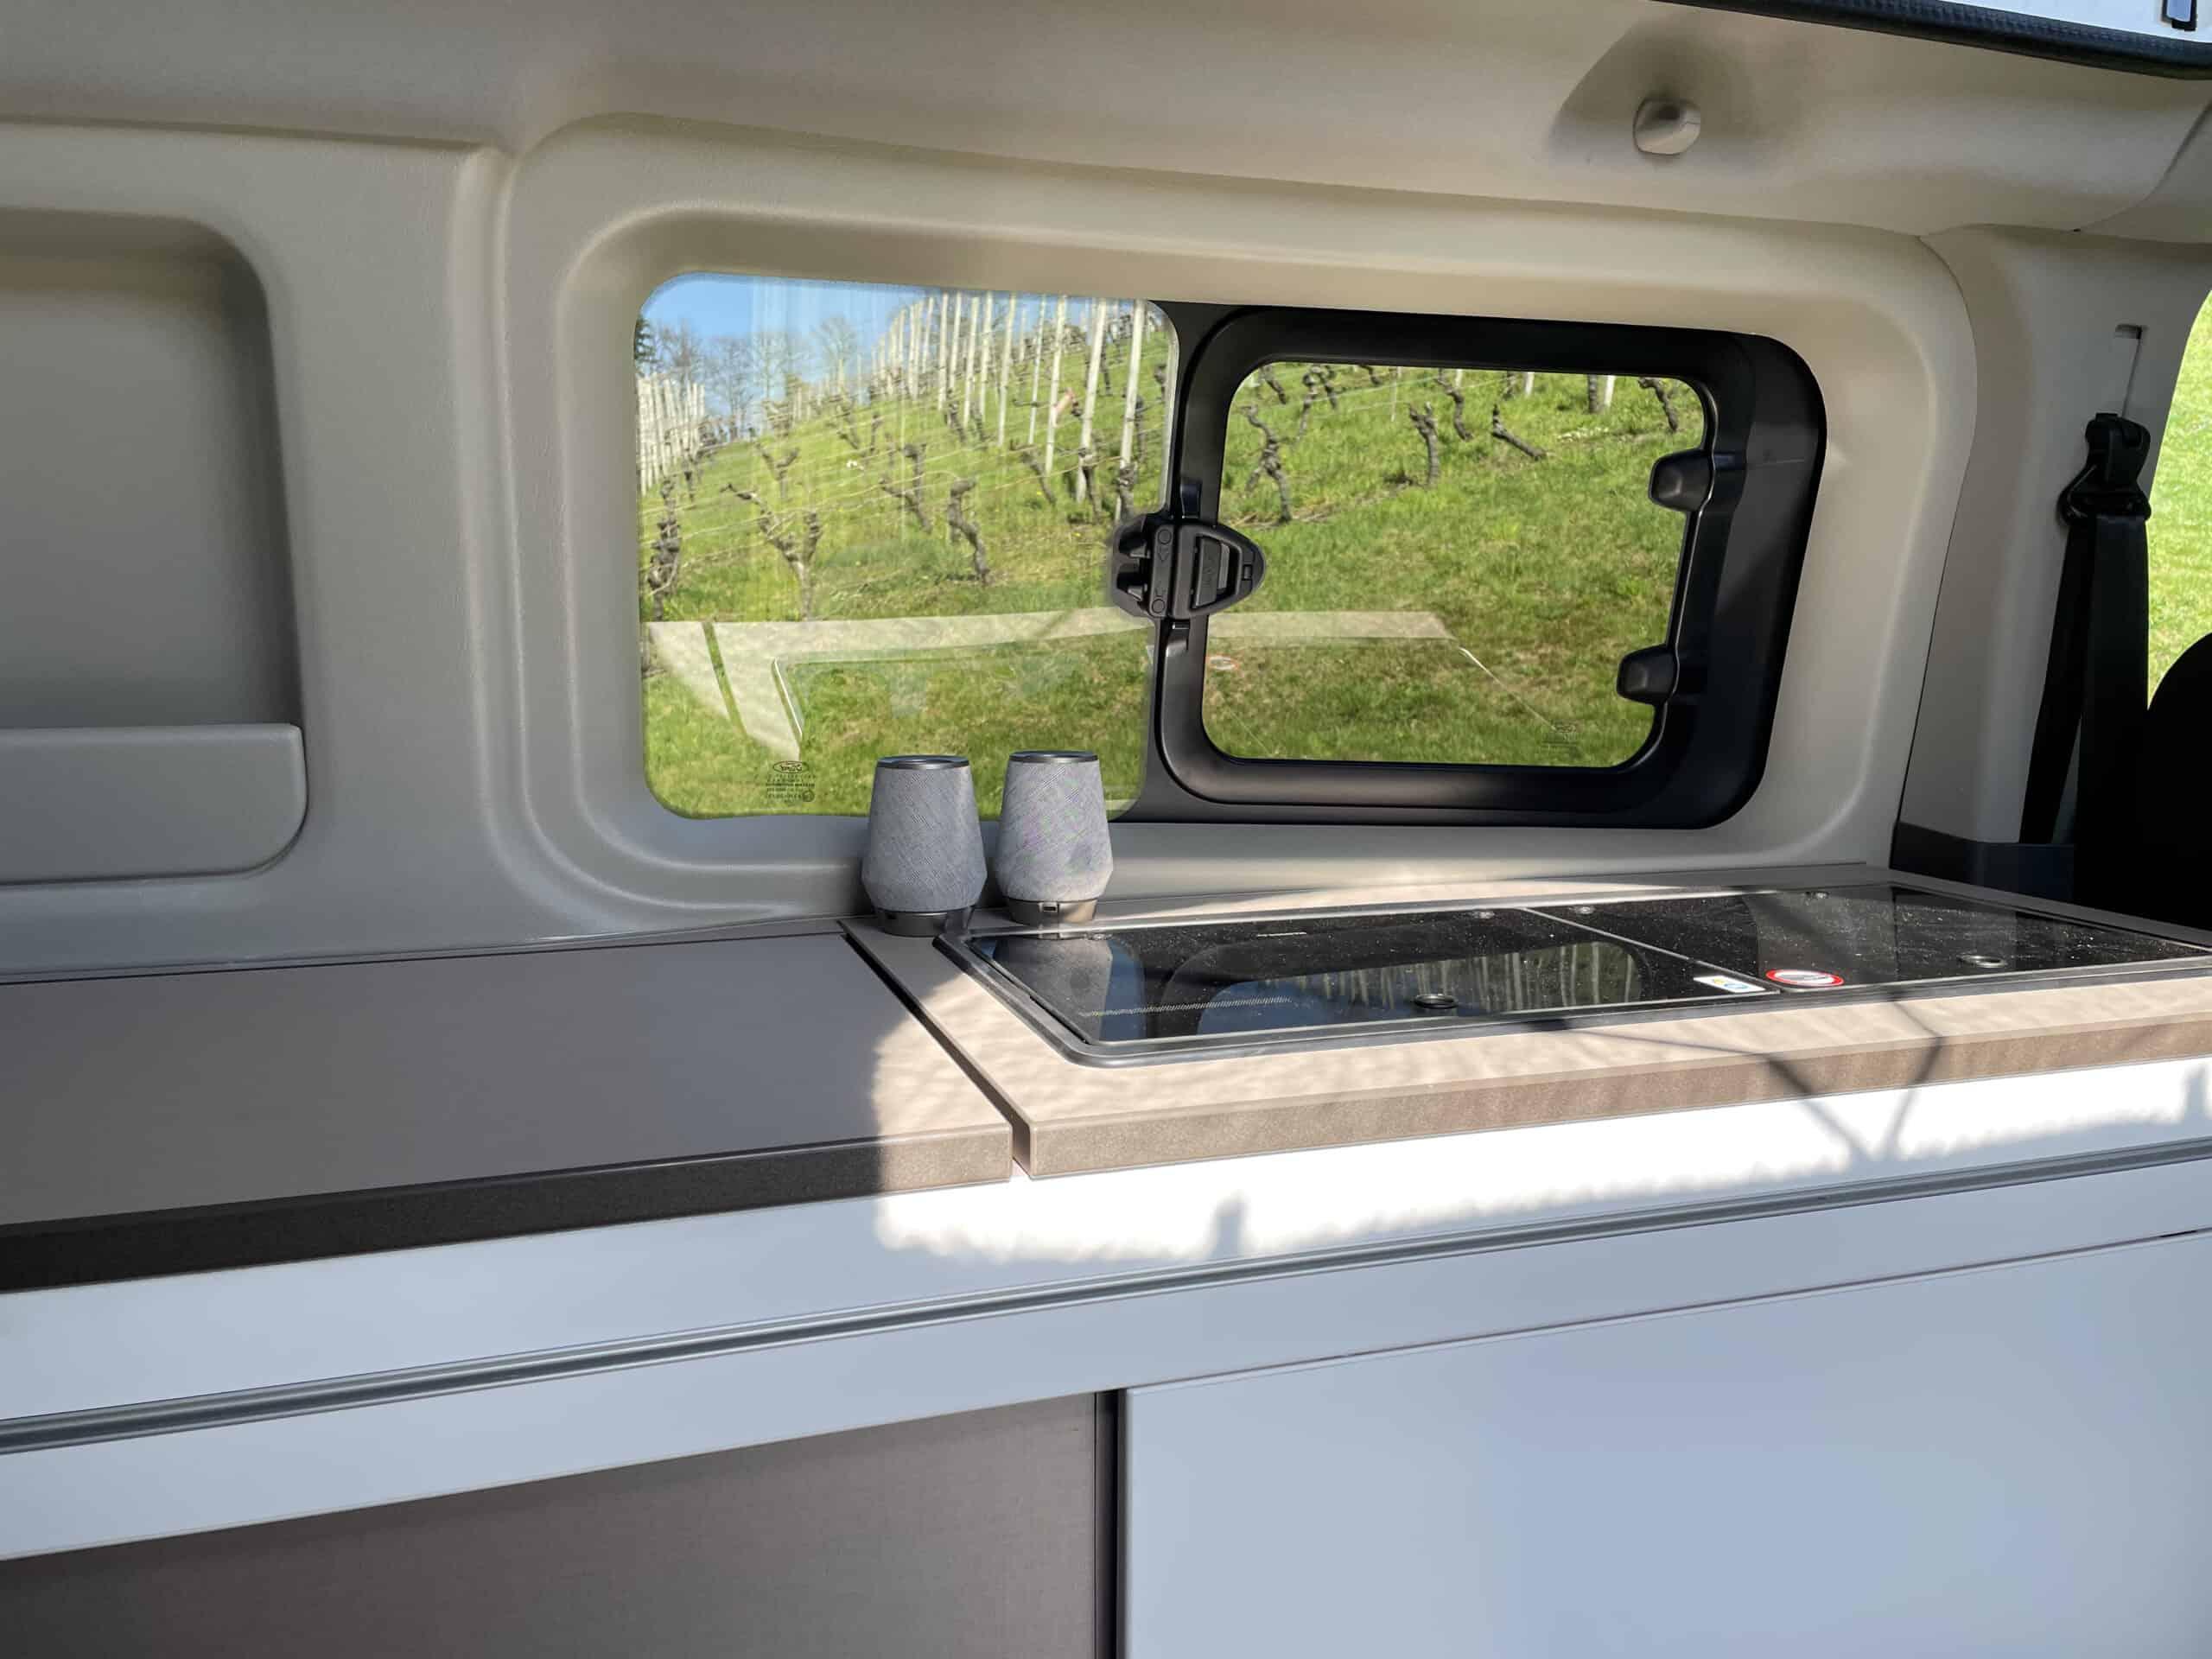 Bürstner Copa - Neuer CamperVan auf Ford Transit Basis, Küche